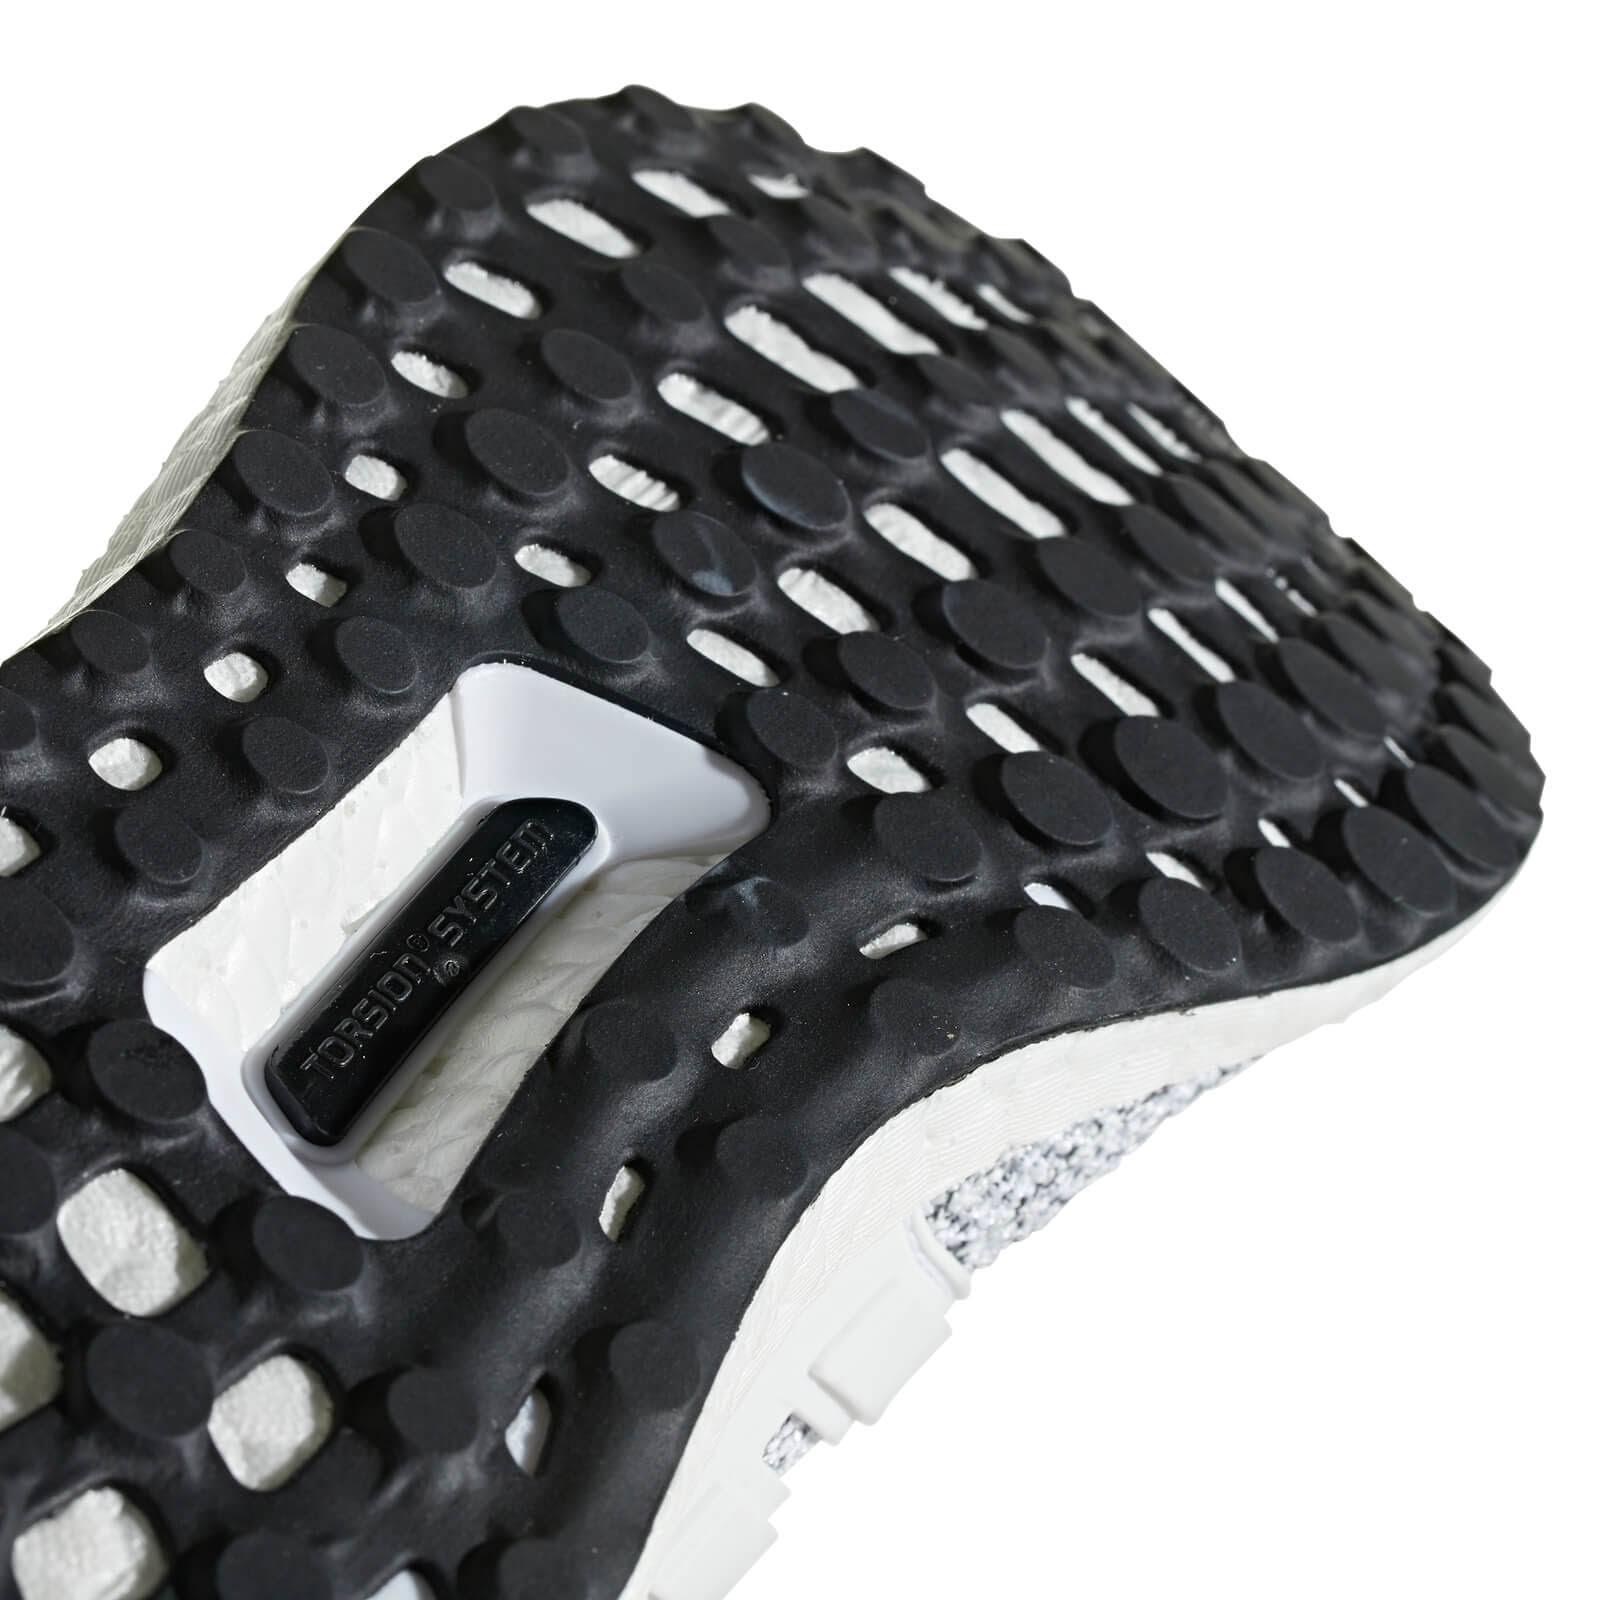 Ftwrwhite Ultraboost F36124 F36124 Adidas Adidas Ultraboost ynwm80ONv